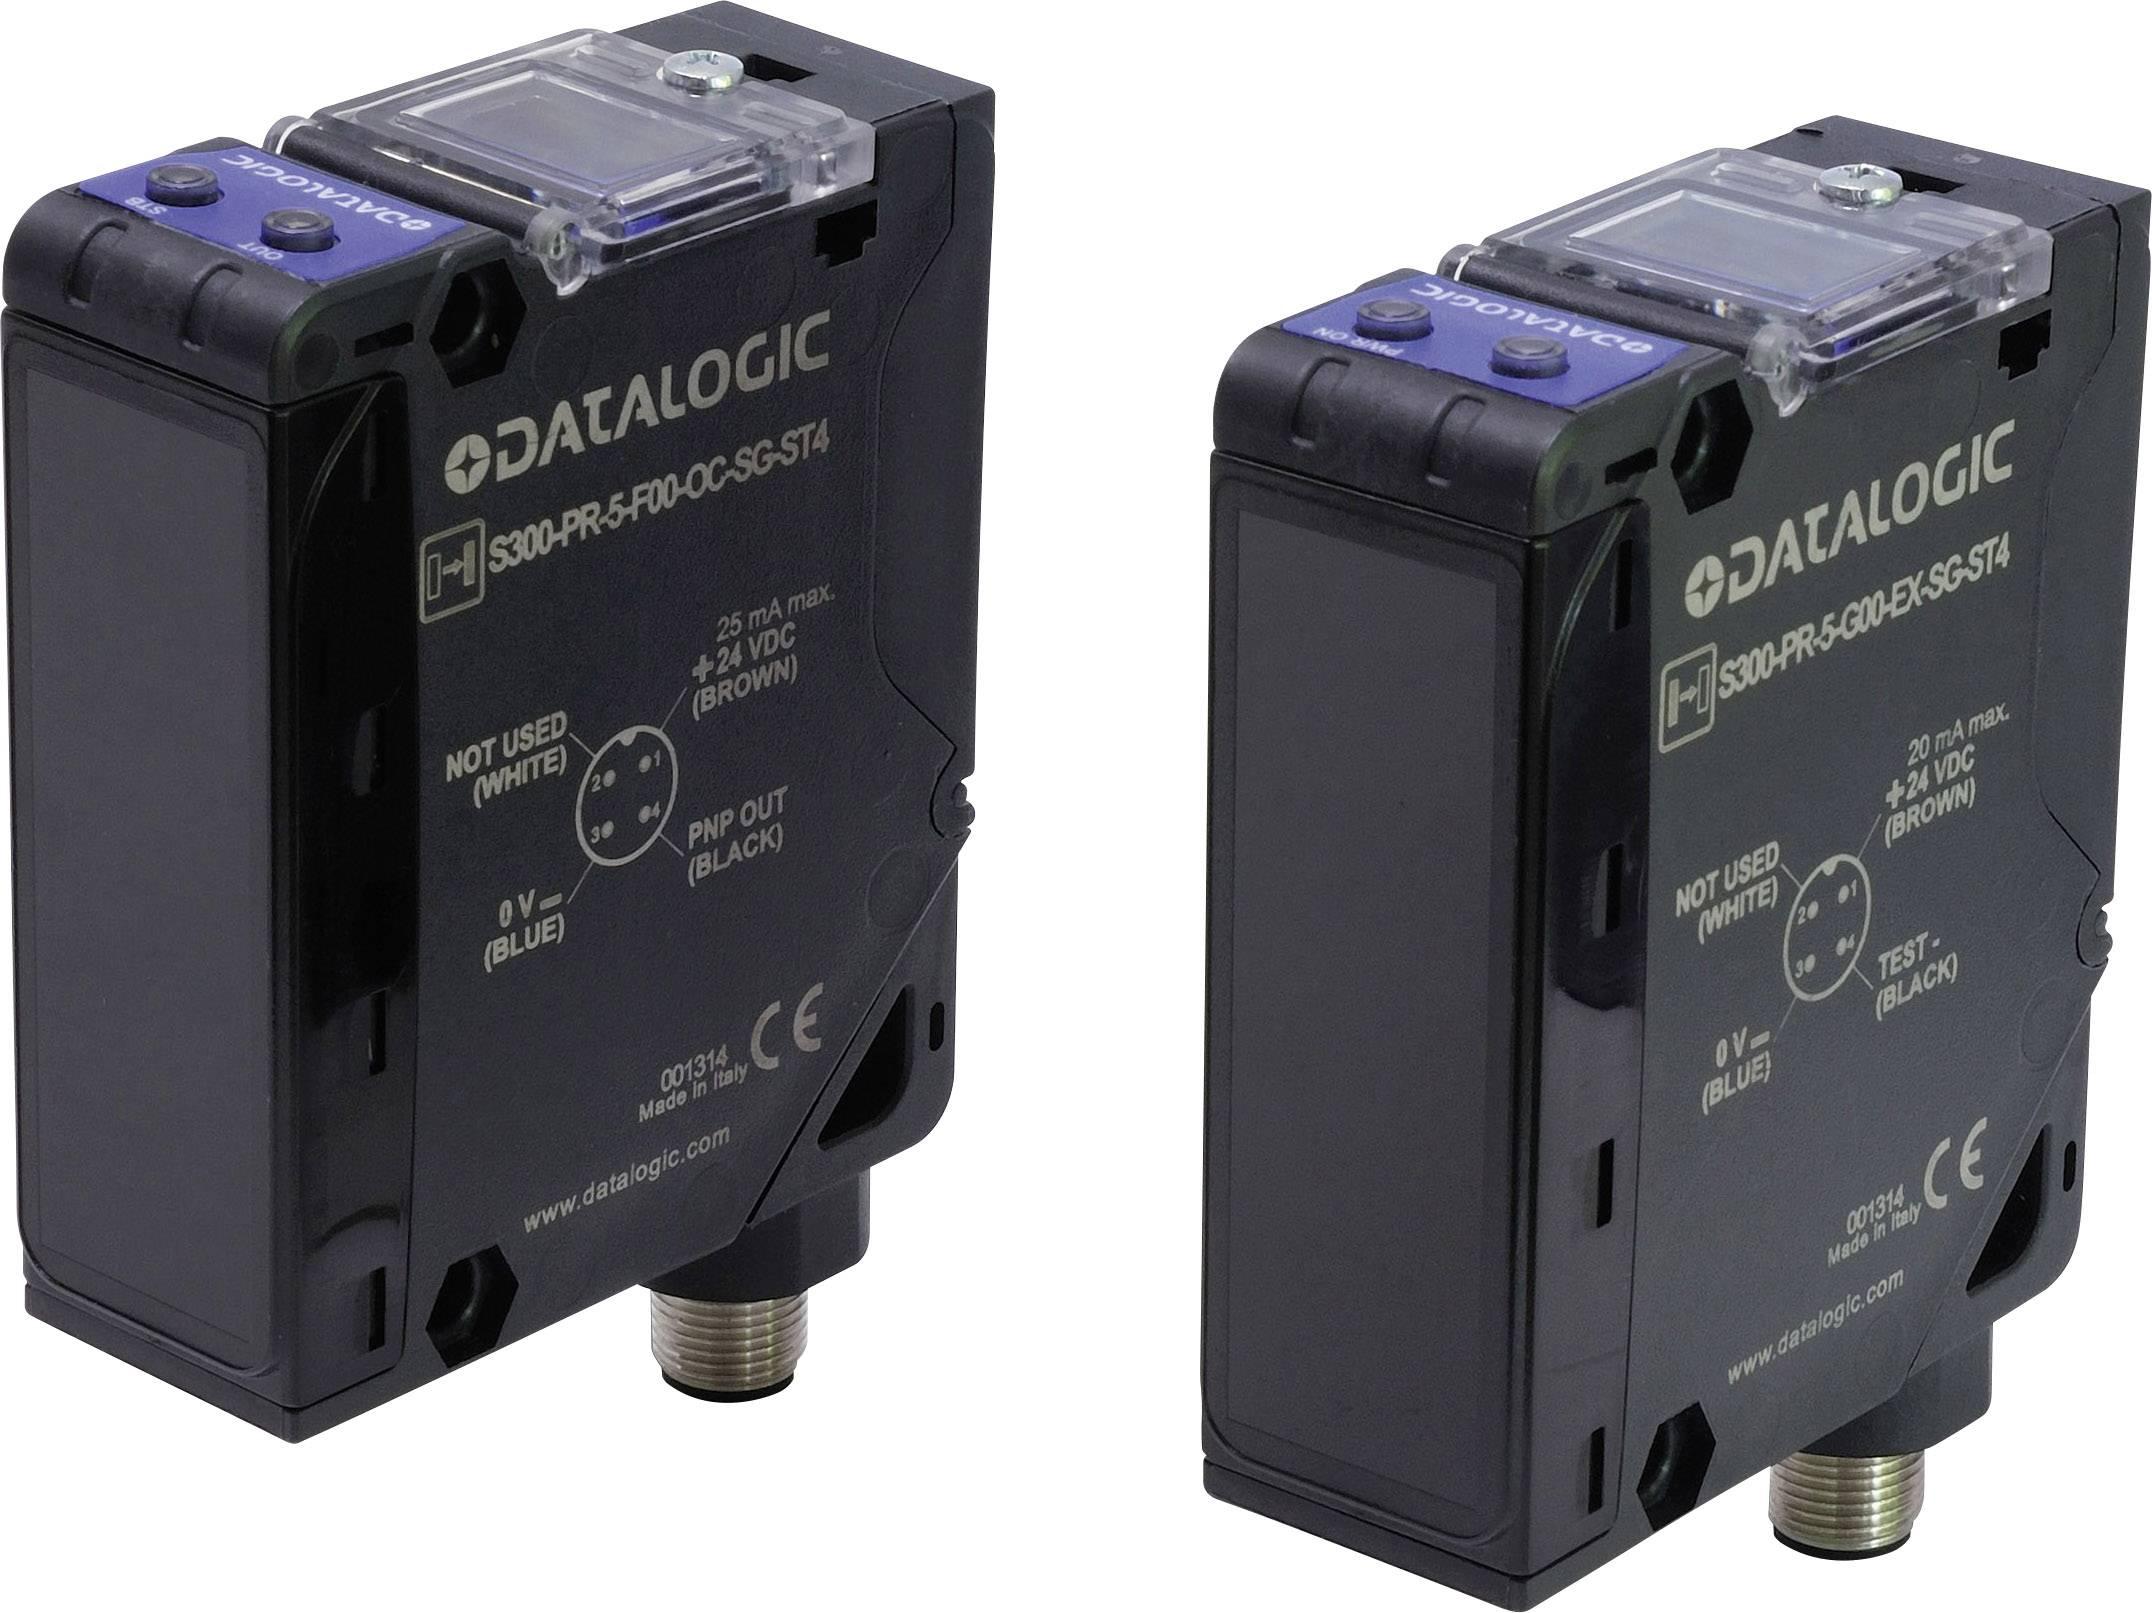 Reflexní světelná závora DataLogic S300-PR-1-B06-RX 951451050, Max. dosah 22 m